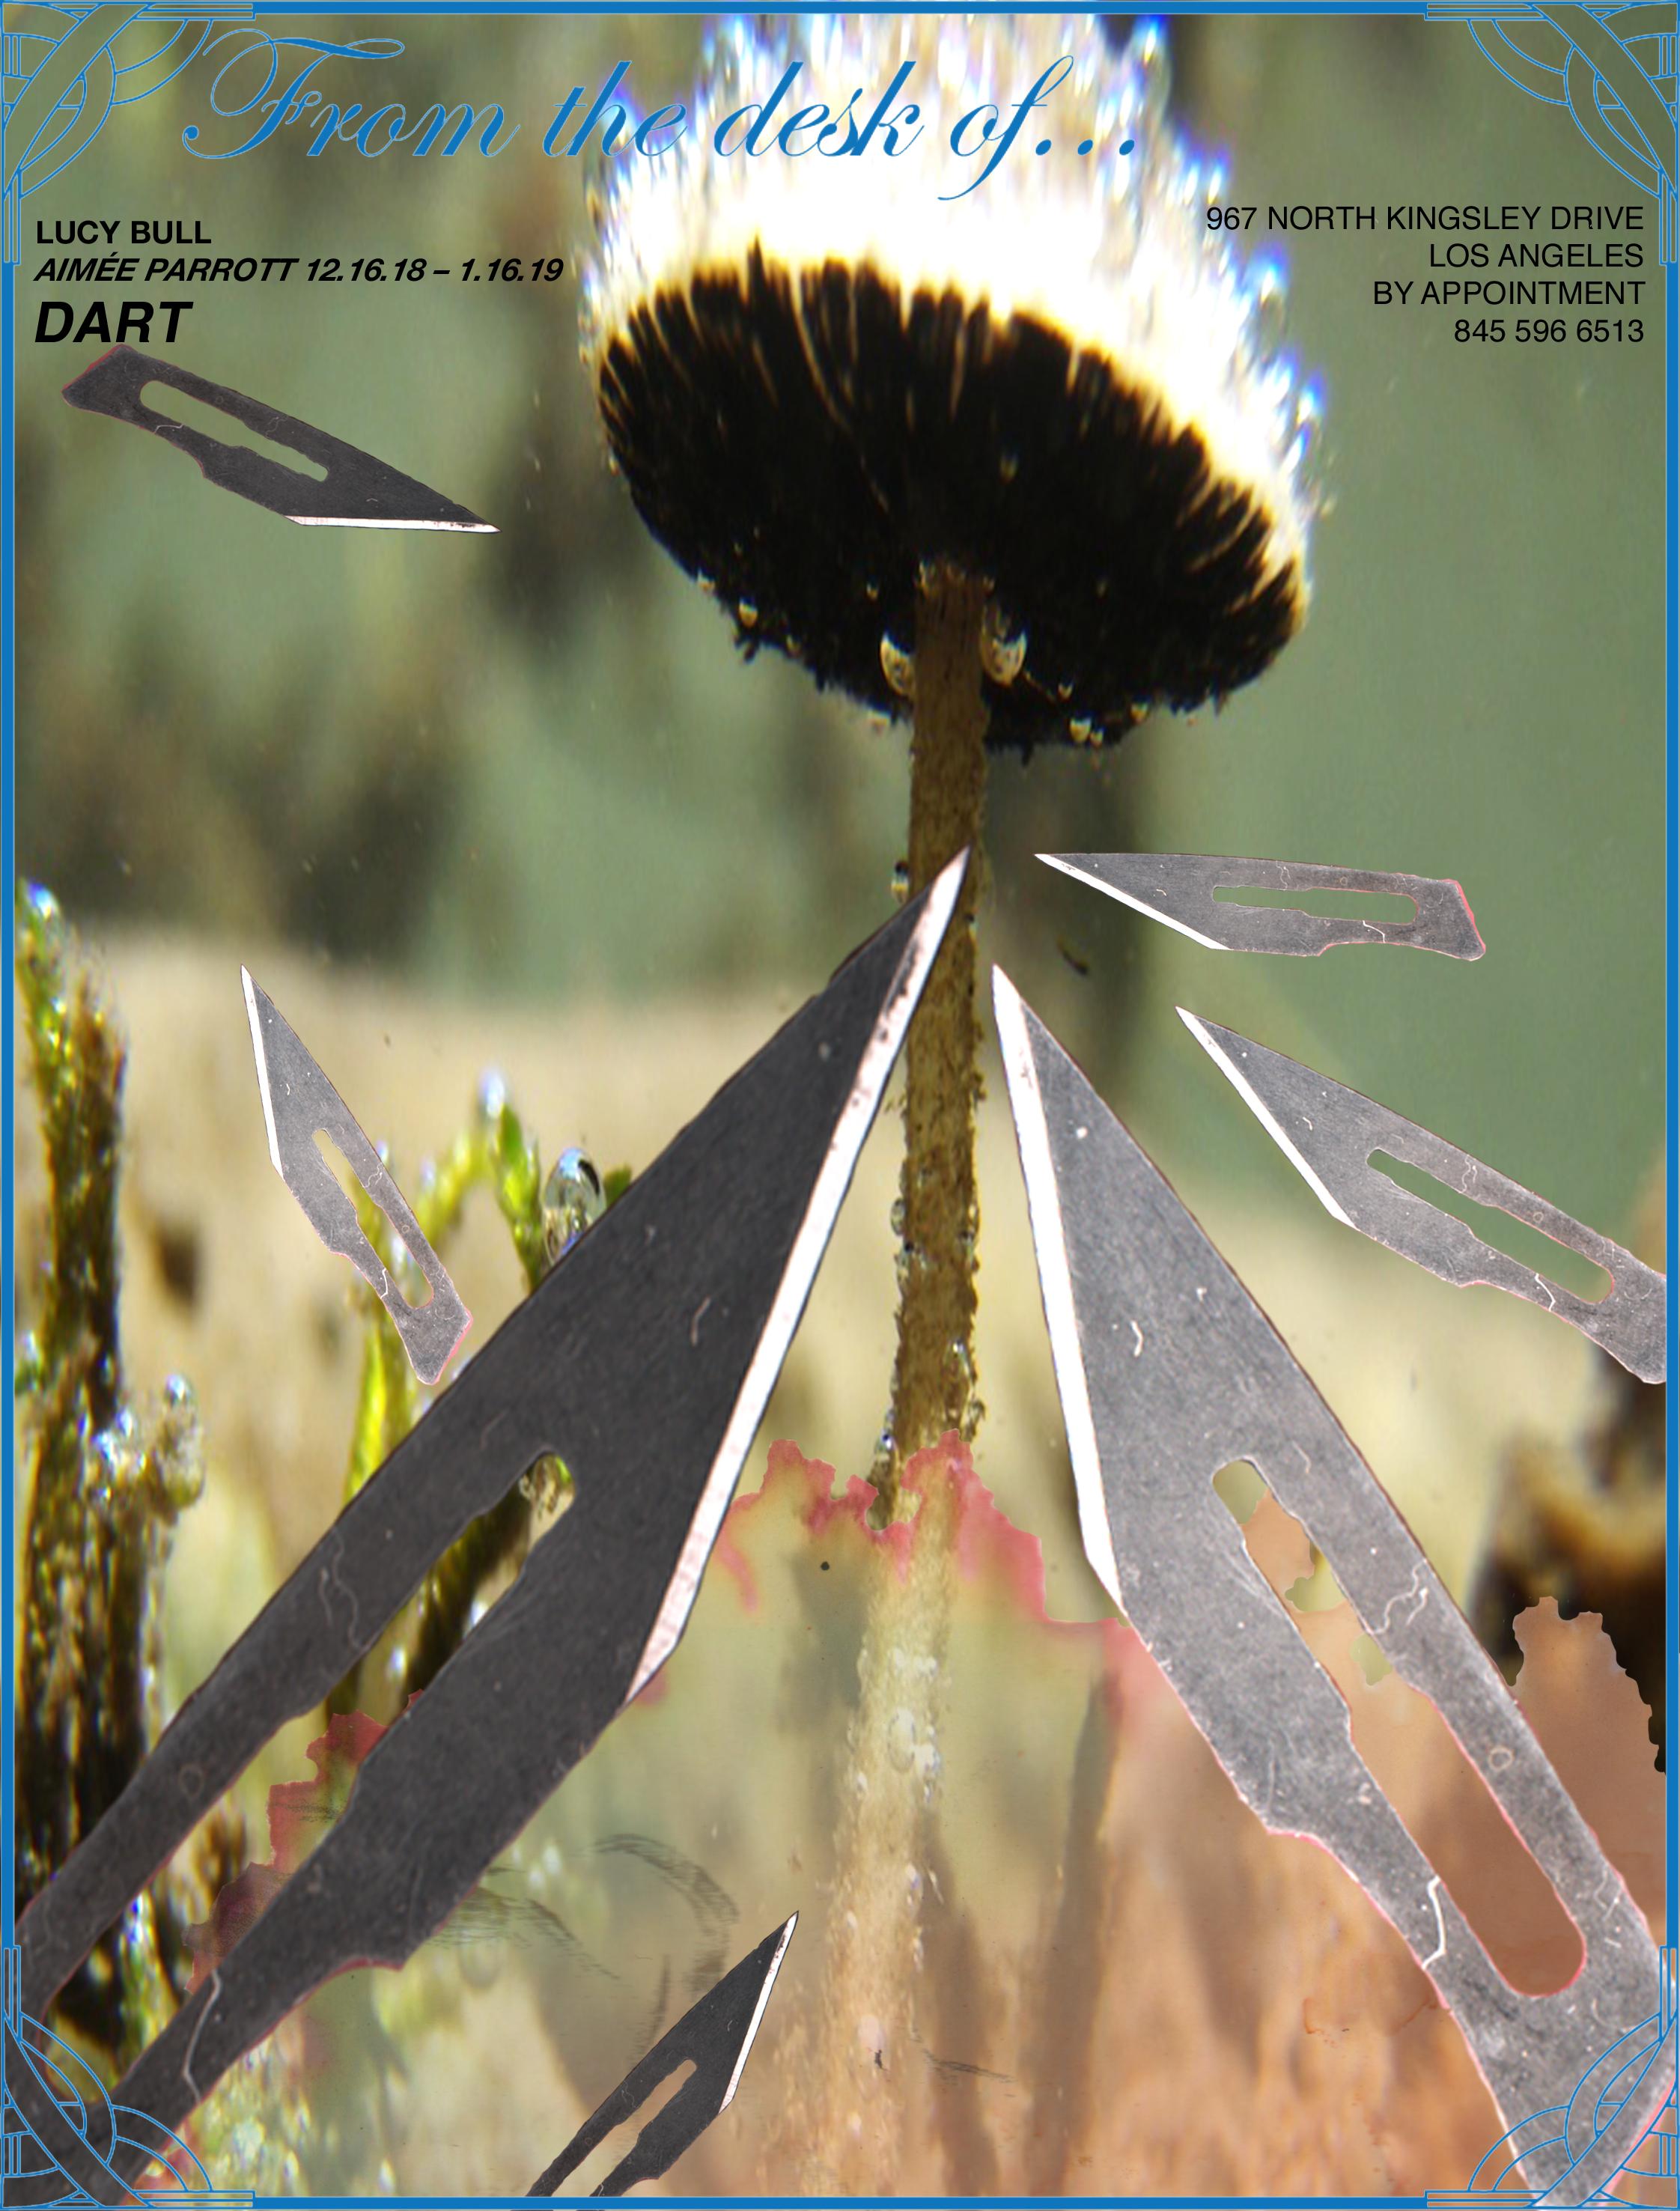 DART POSTER-2.jpg